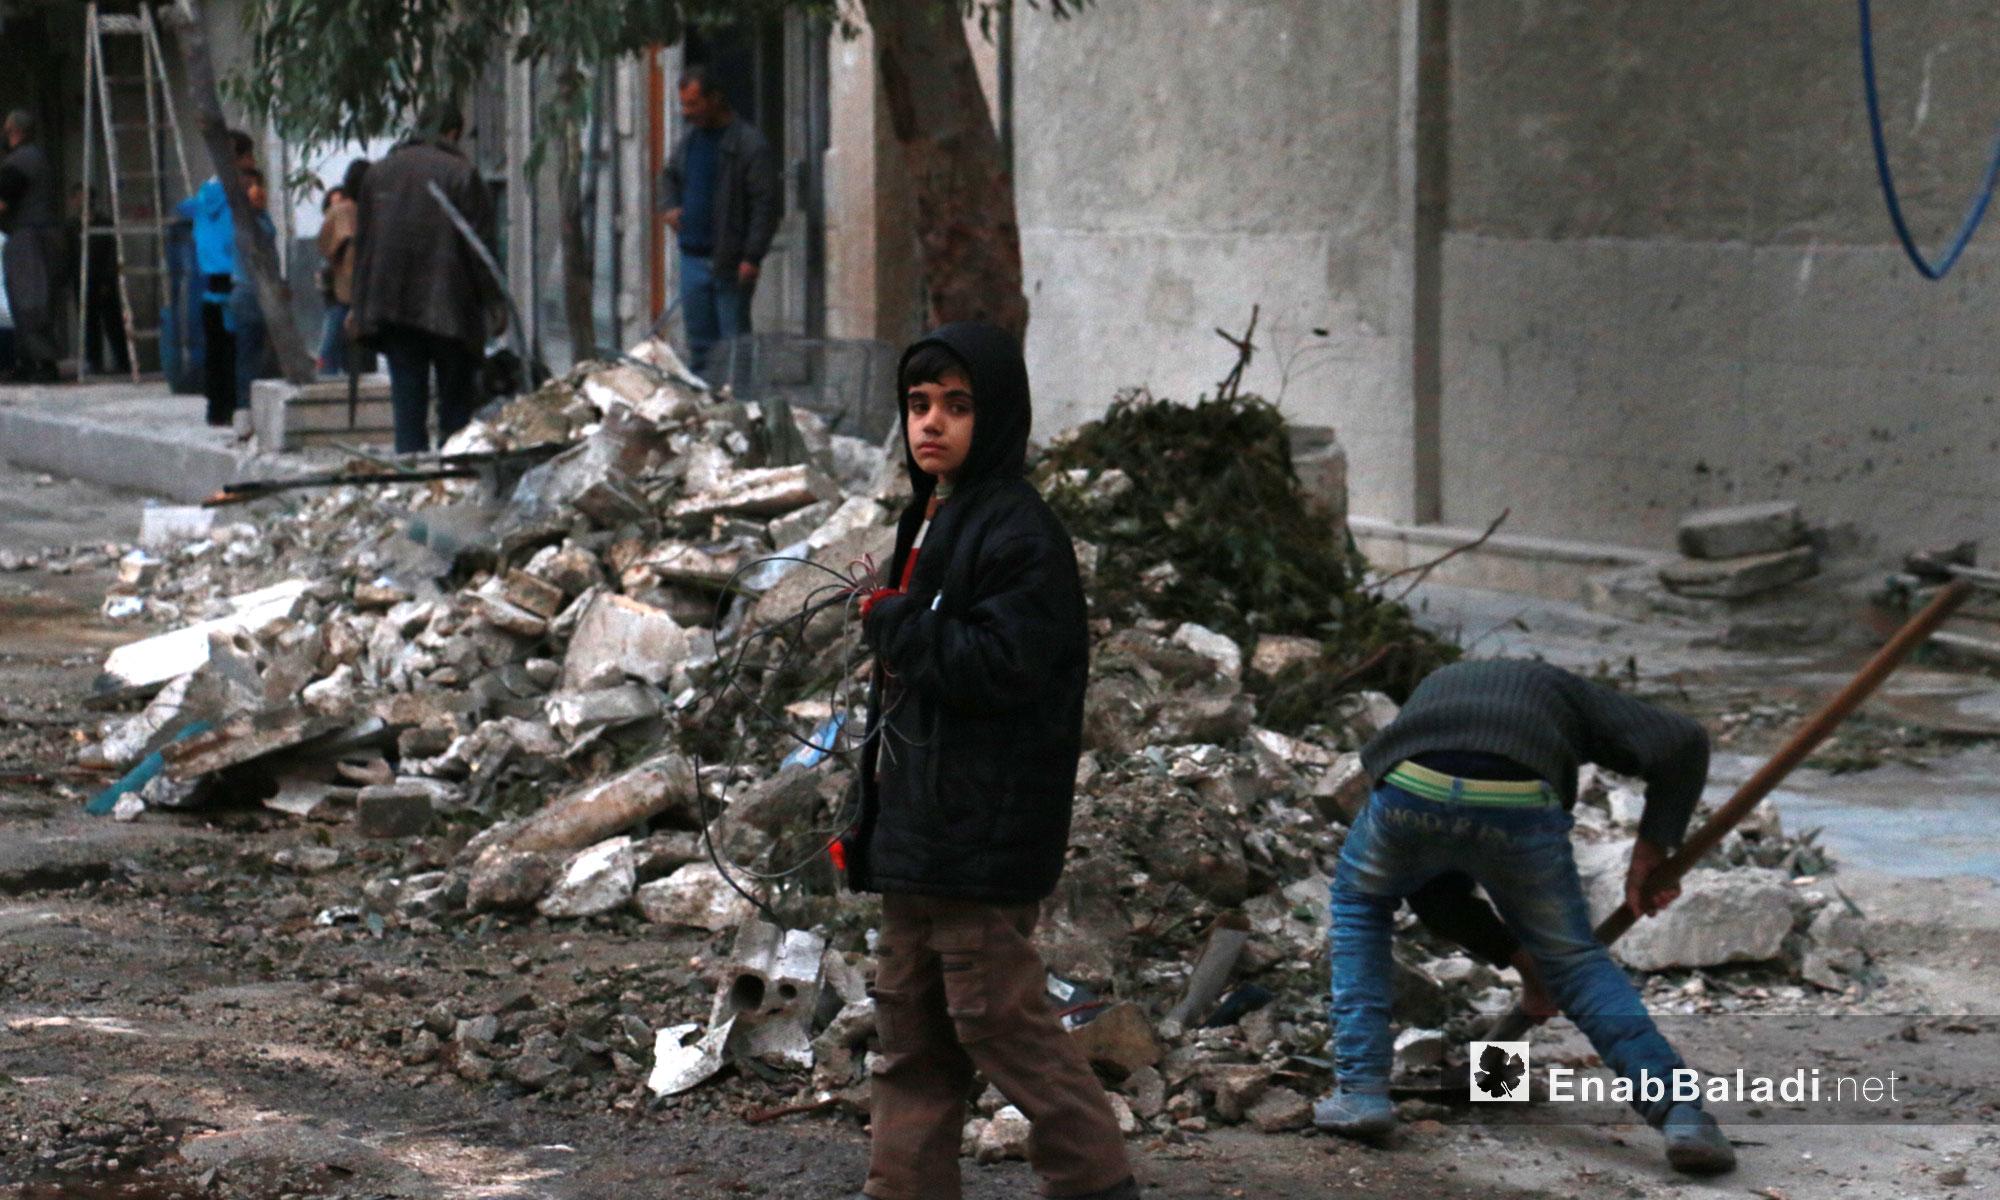 أطفال ينظفّون ركام القصف في حي الشعار بحلب - 17 تشرين الثاني  2016 (عنب بلدي)أطفال ينظفّون ركام القصف في حي الشعار بحلب - 17 تشرين الثاني  2016 (عنب بلدي)